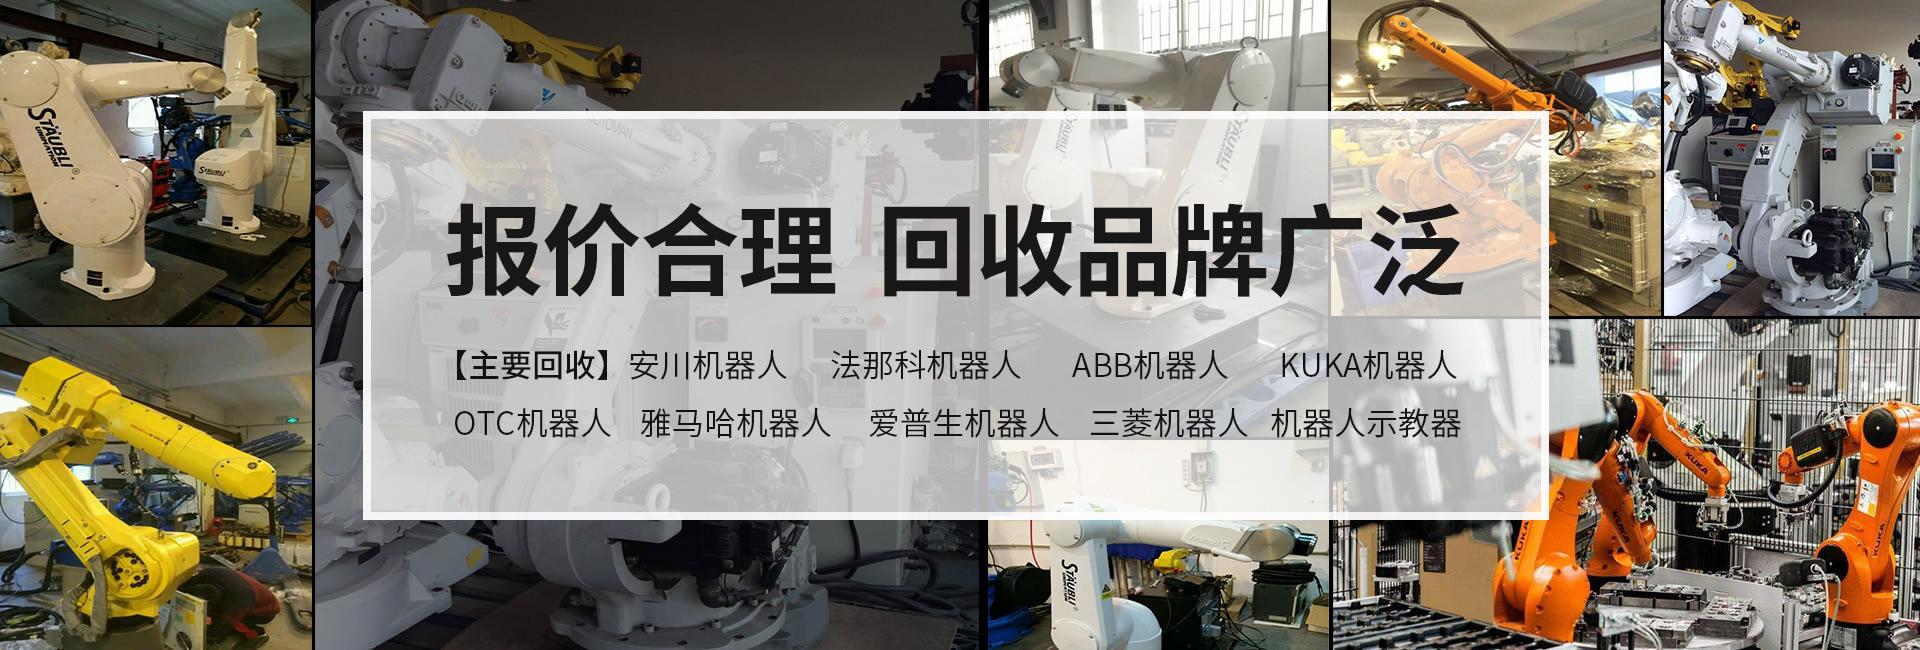 工业机器人回收